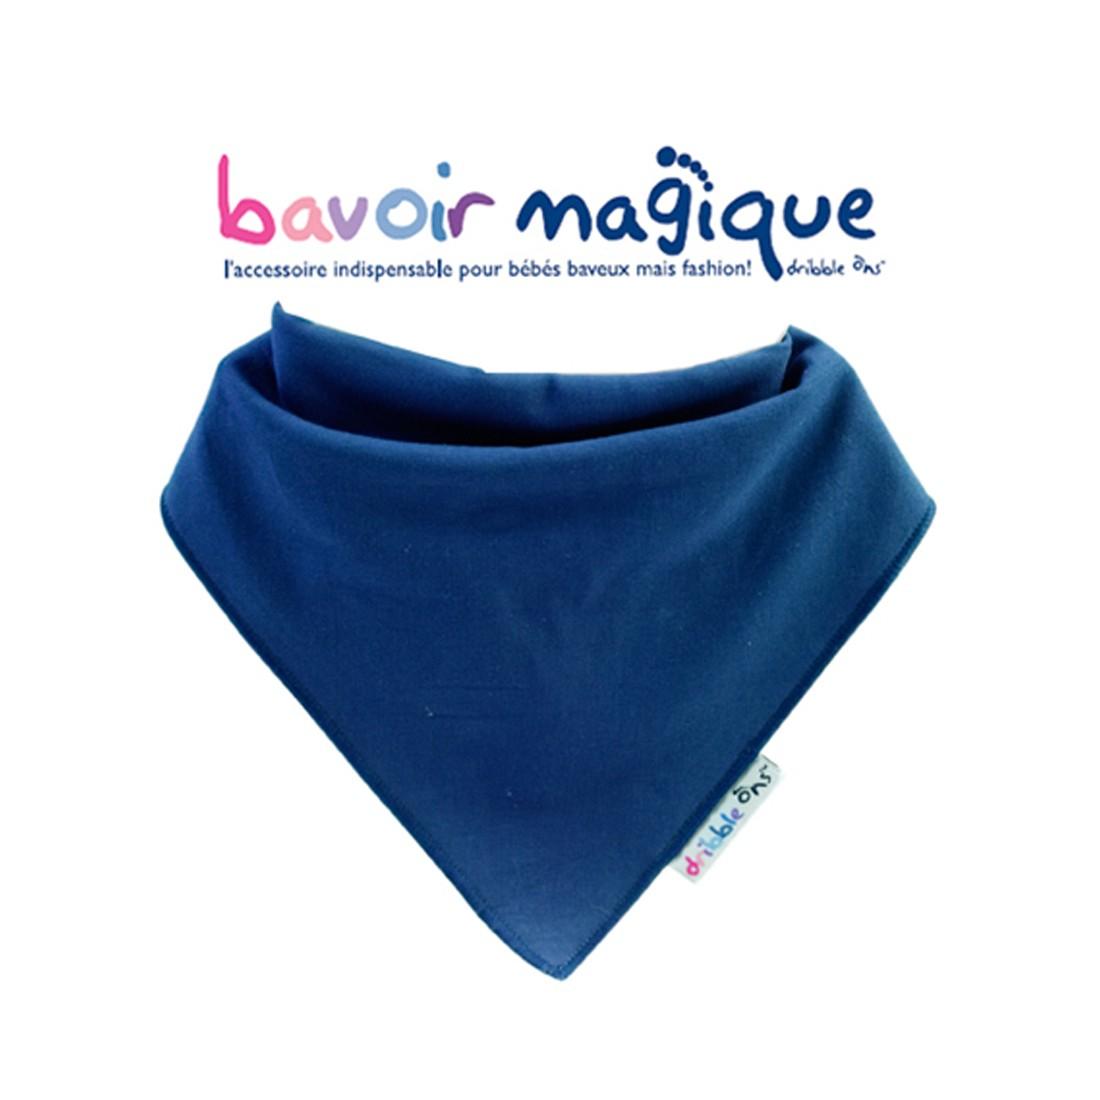 Bavoir - Bandana pour bébés baveux, bavoir magique, Marine